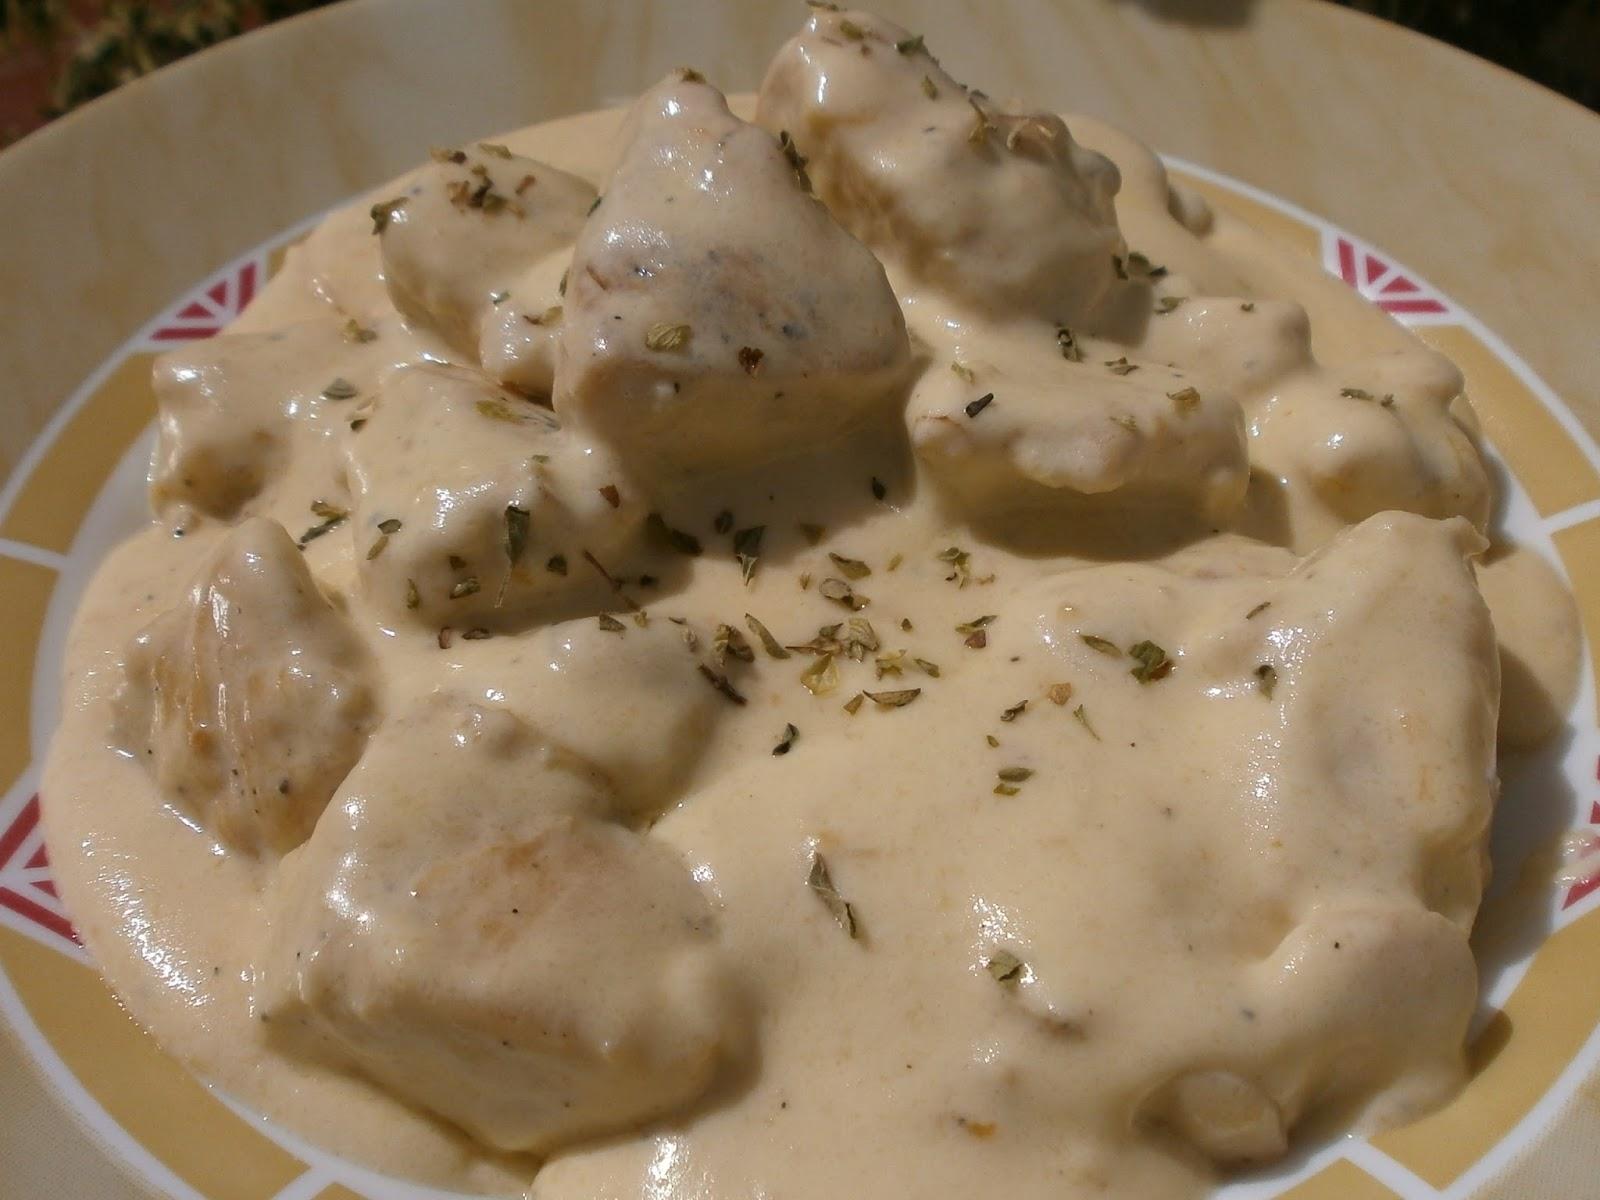 Luzmary y sus recetas caseras pechugas de pollo en salsa de queso - Salsas para pechuga de pollo ...